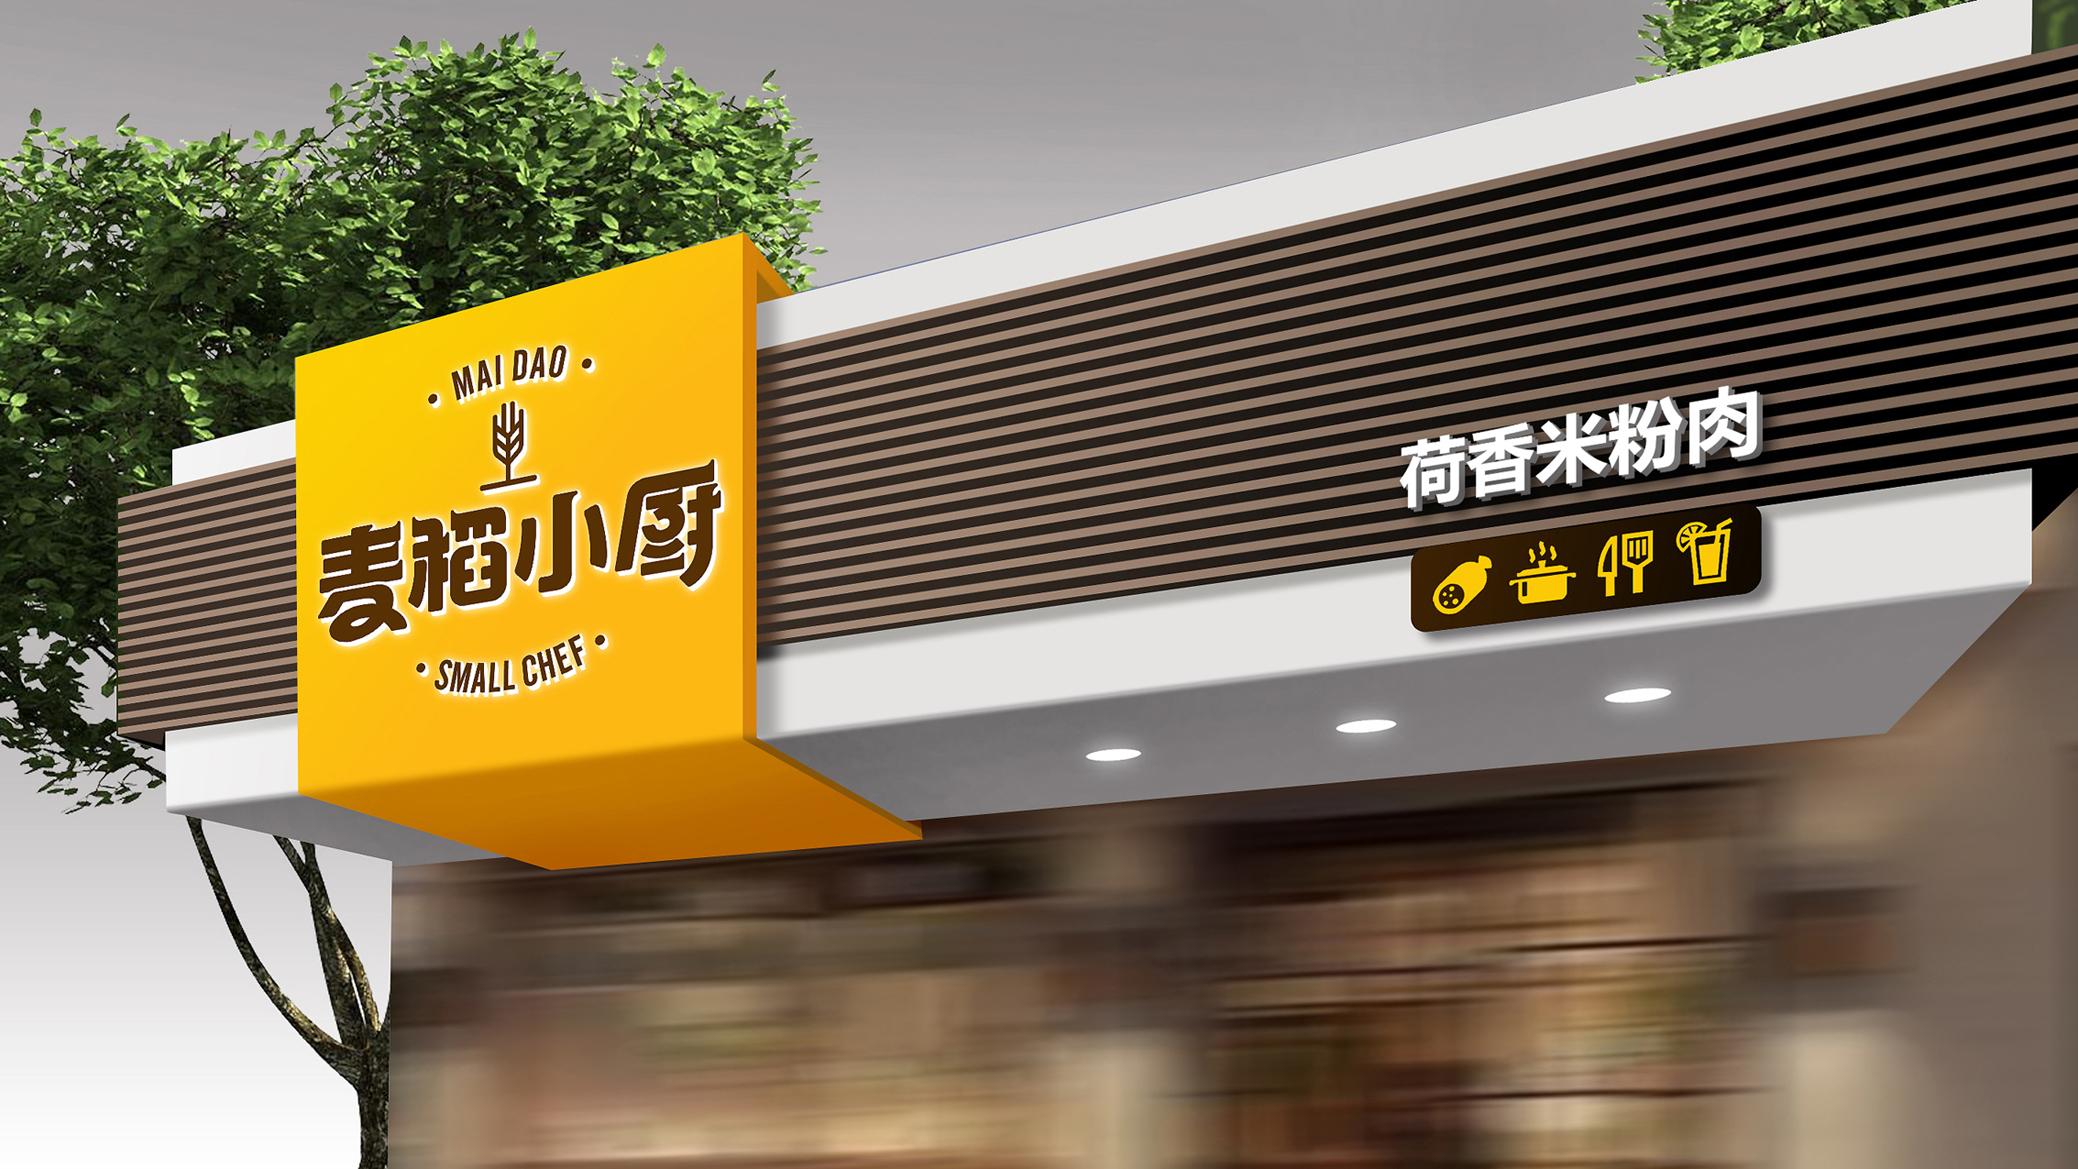 企业VI设计定制设计公司vi设计系统餐饮VIS升级设计 北京